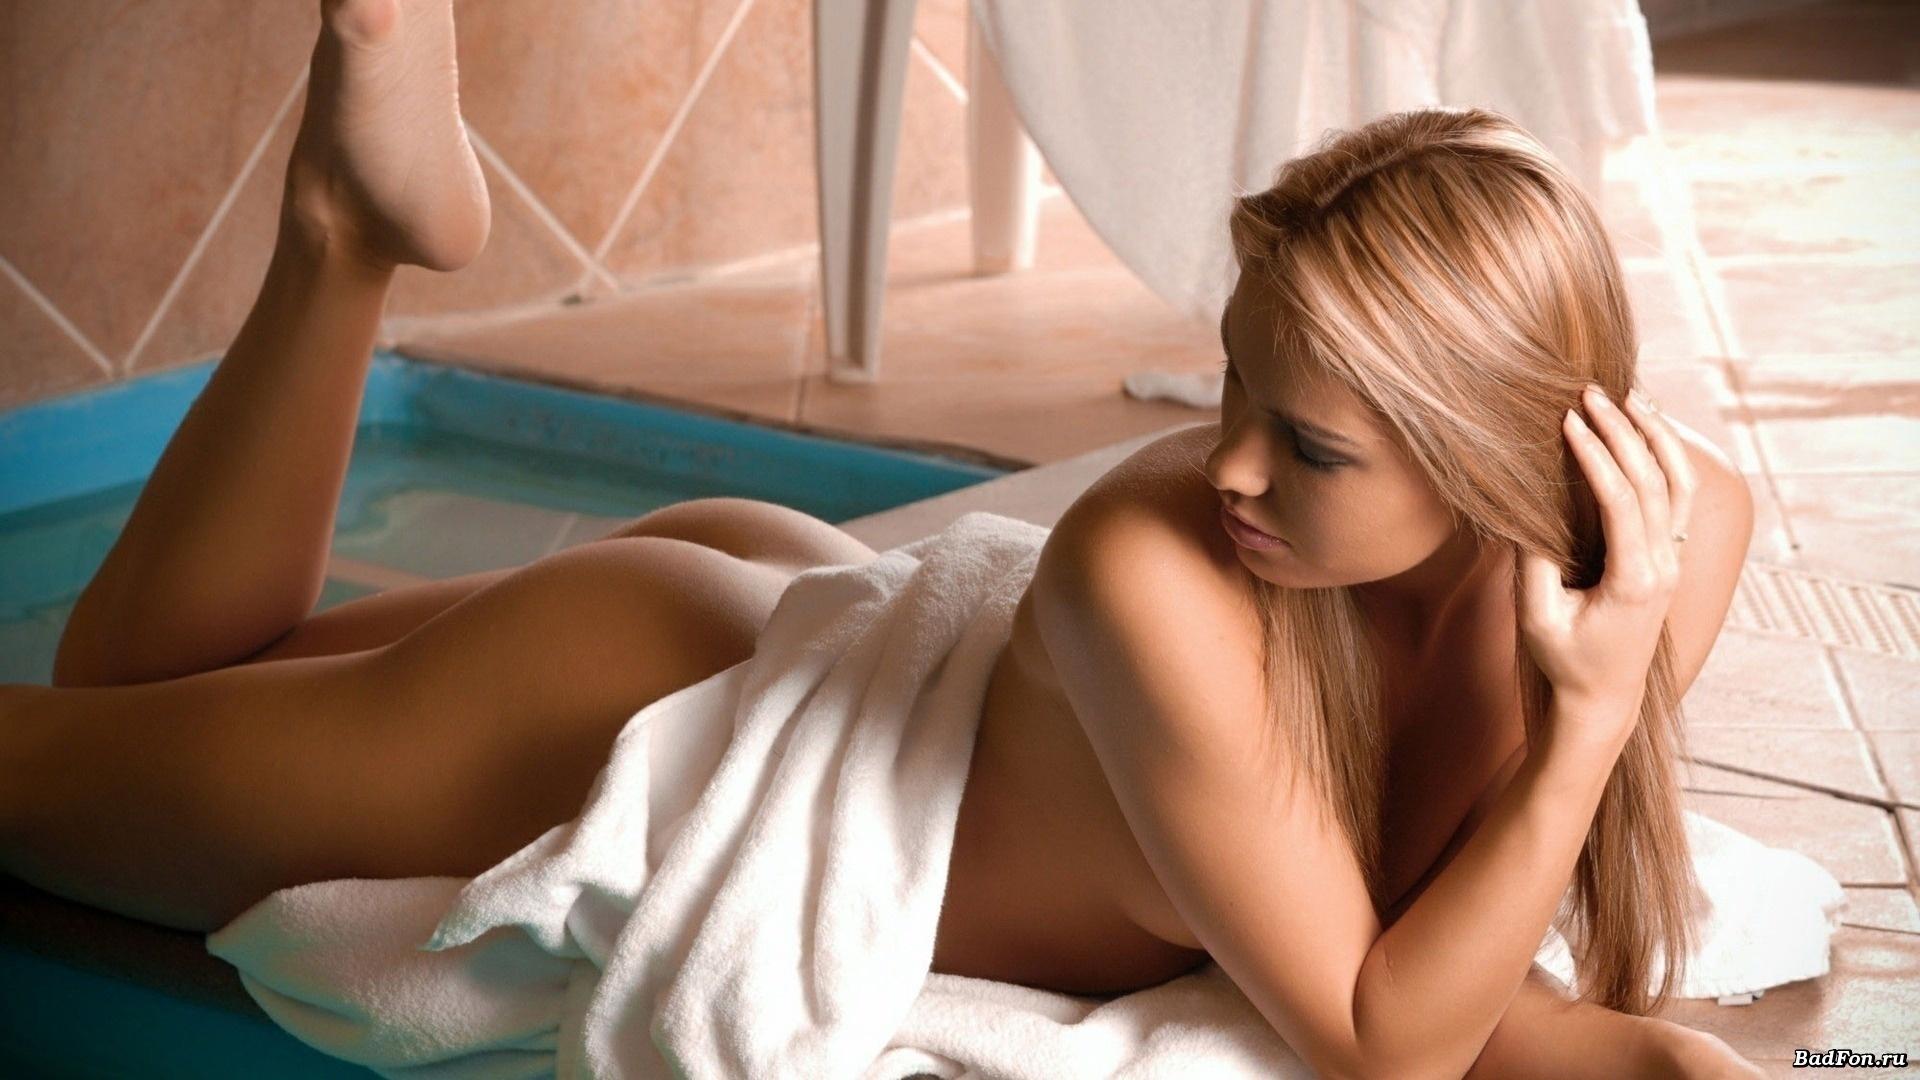 картинки с красивыми эротическими девушками